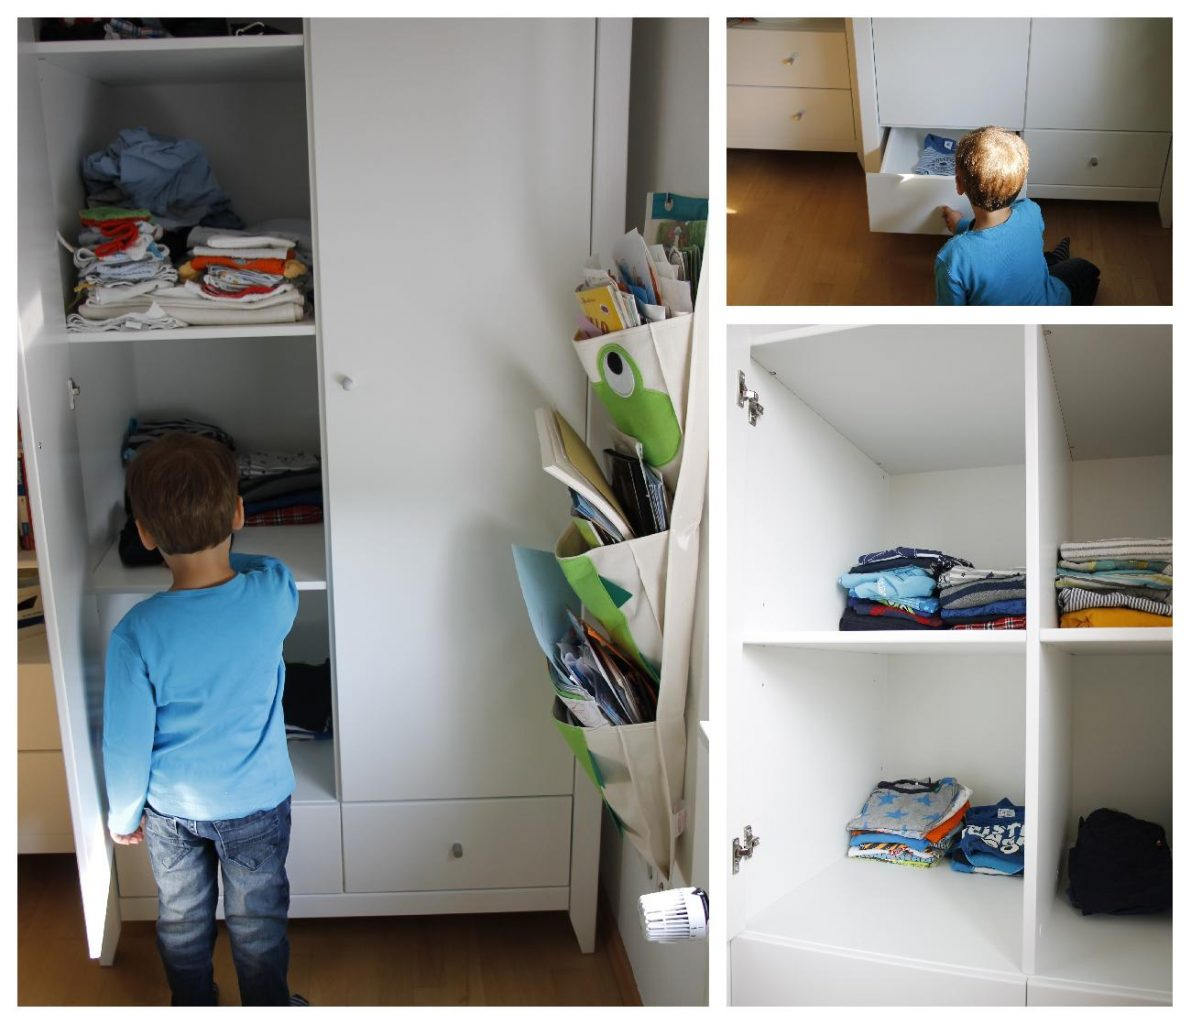 ein hoppekids kleiderschrank im neuen kinderzimmer. Black Bedroom Furniture Sets. Home Design Ideas